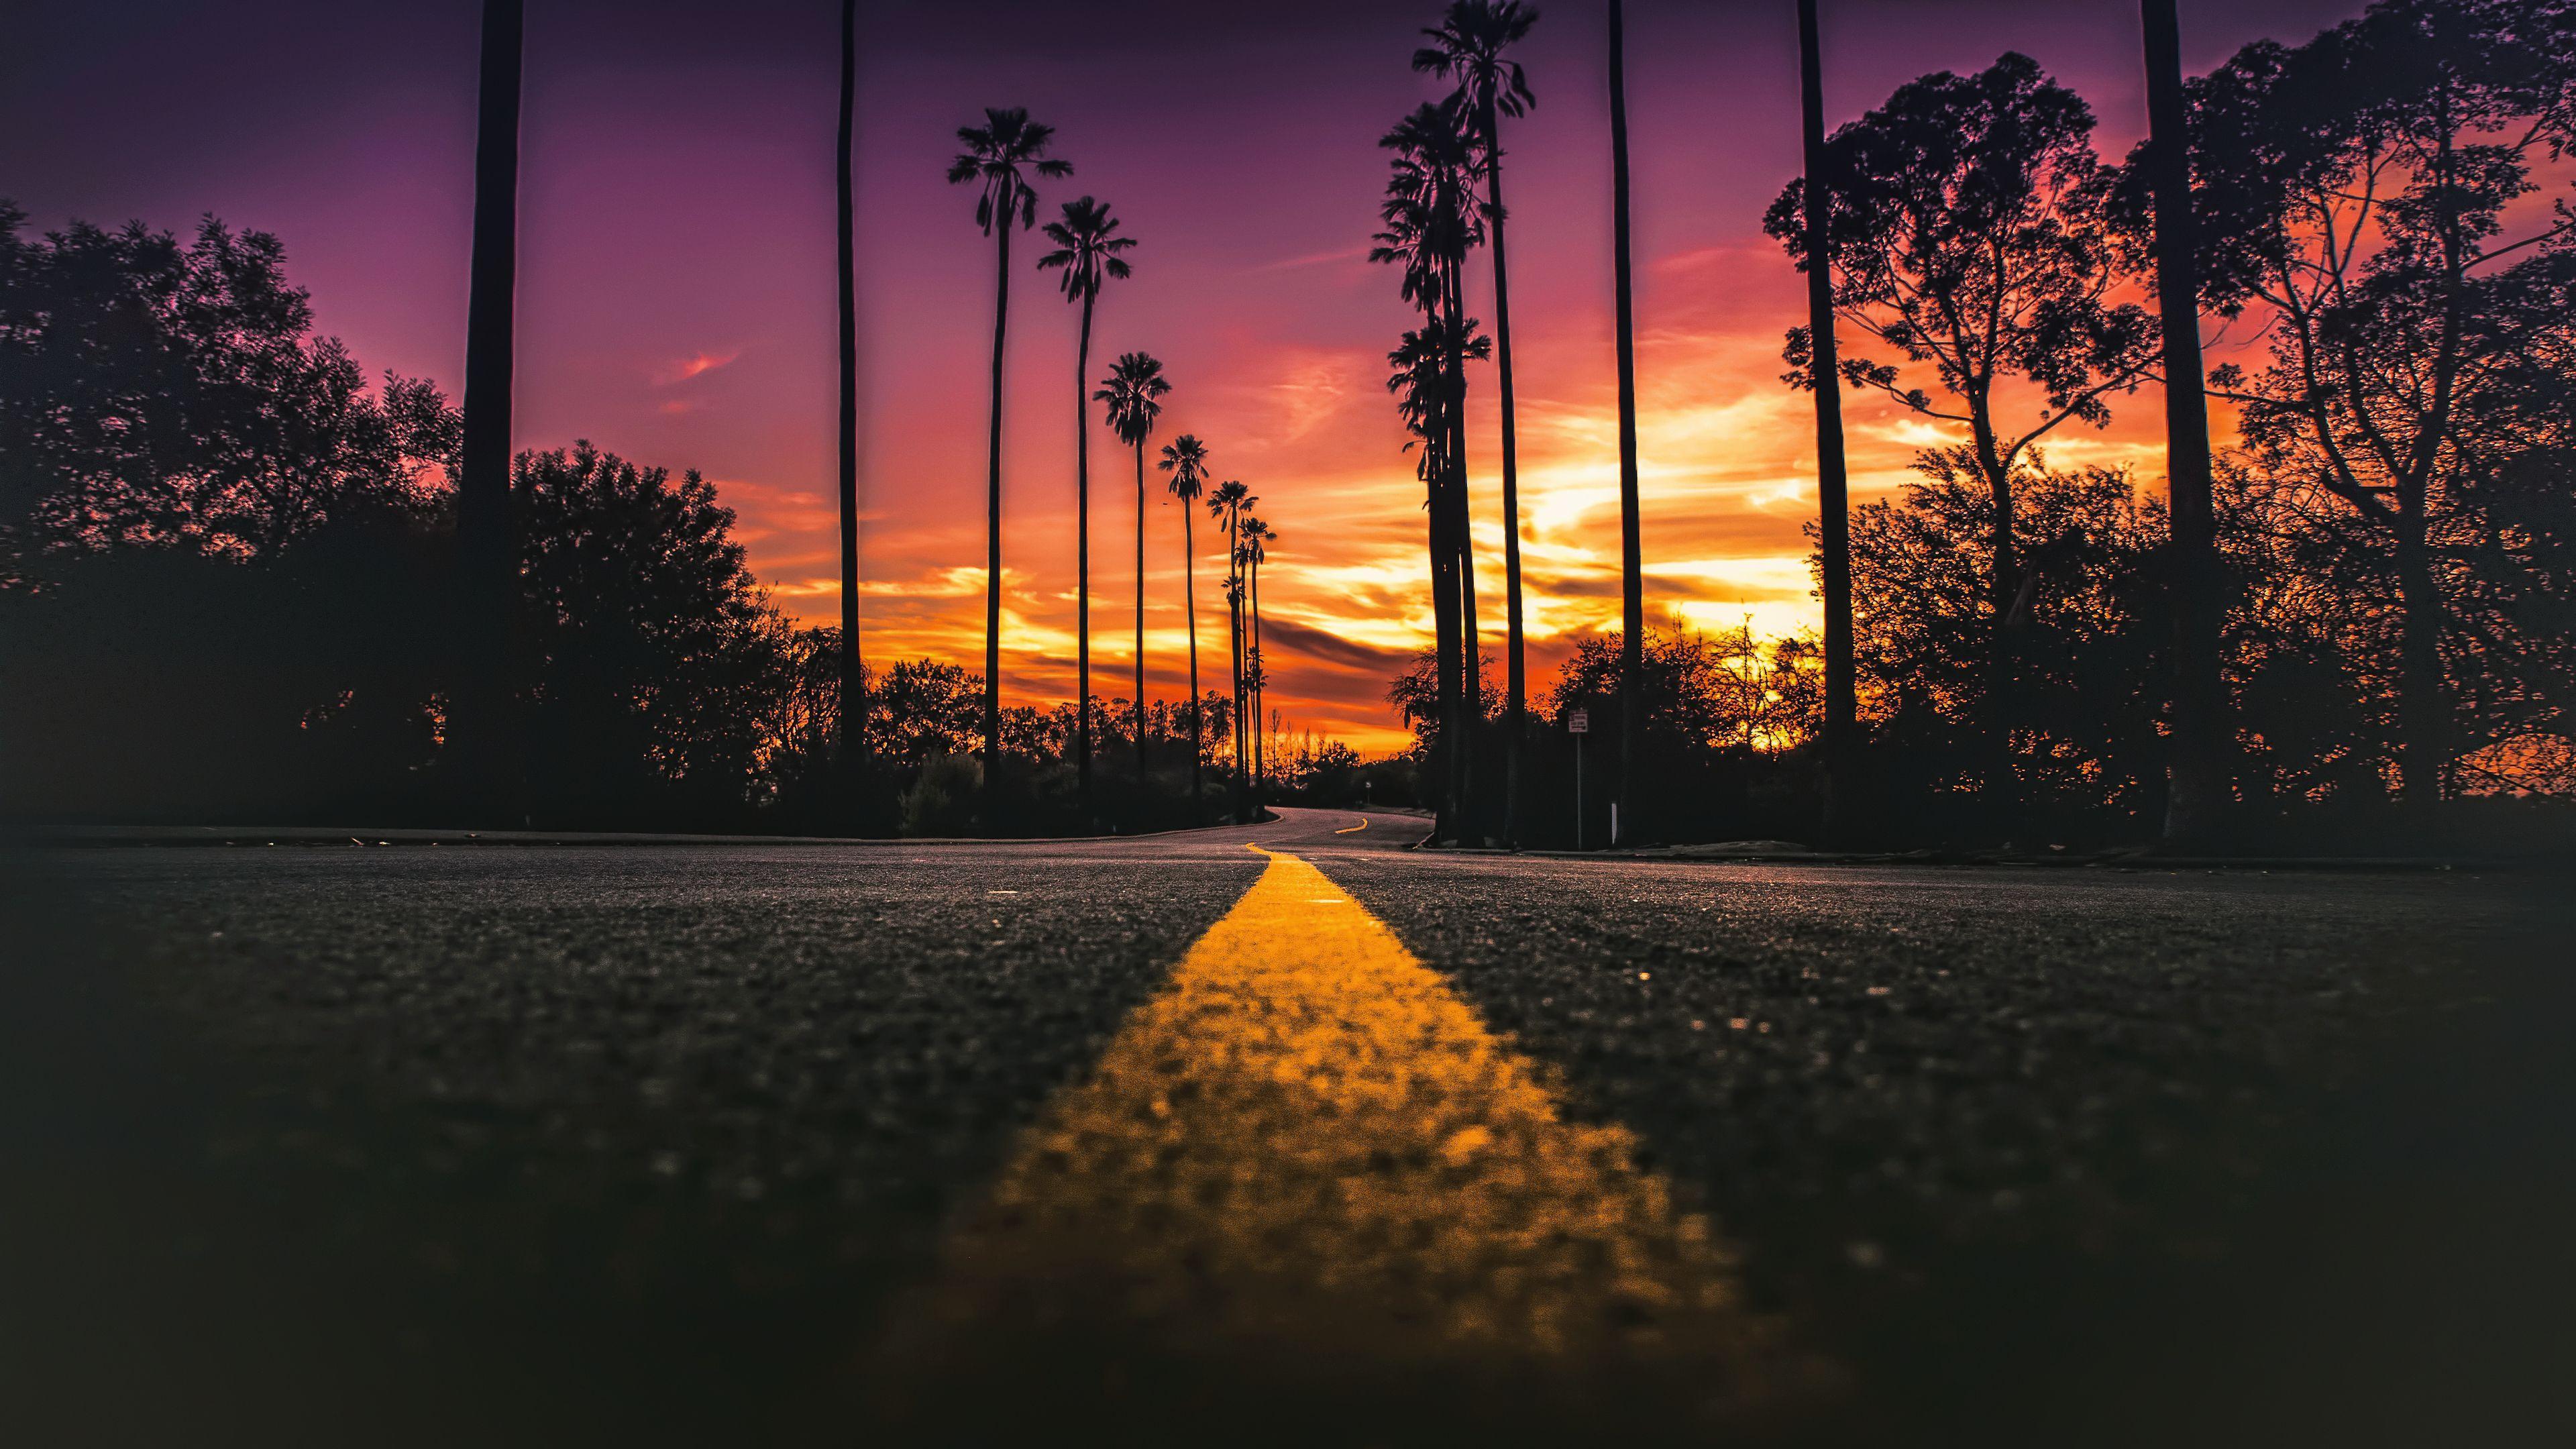 California 4k Wallpapers Top Free California 4k